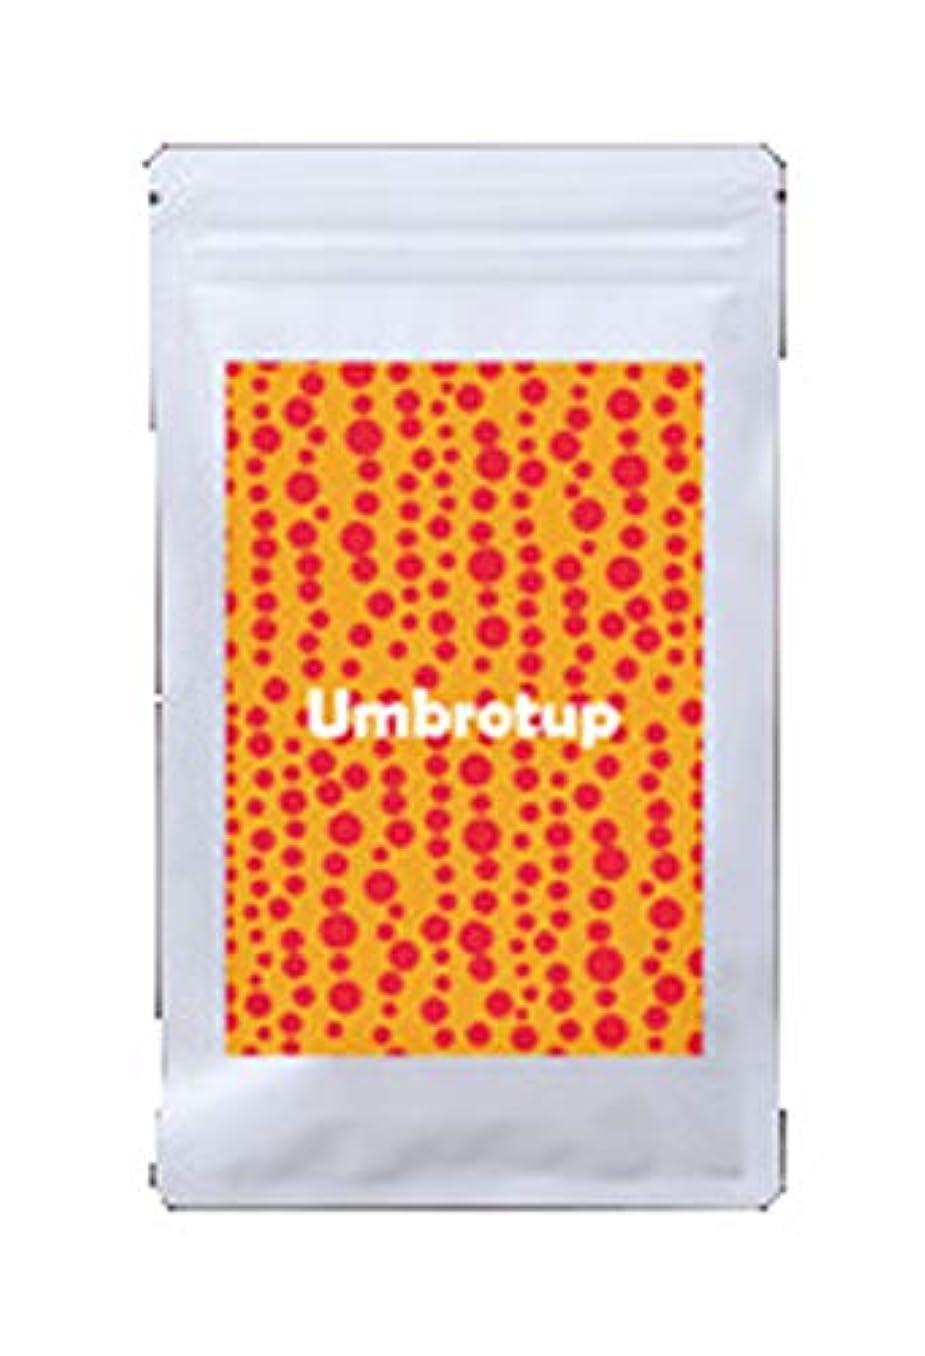 社会主義者信じるゴミ箱を空にするUmbrotup(アンブロタップ)